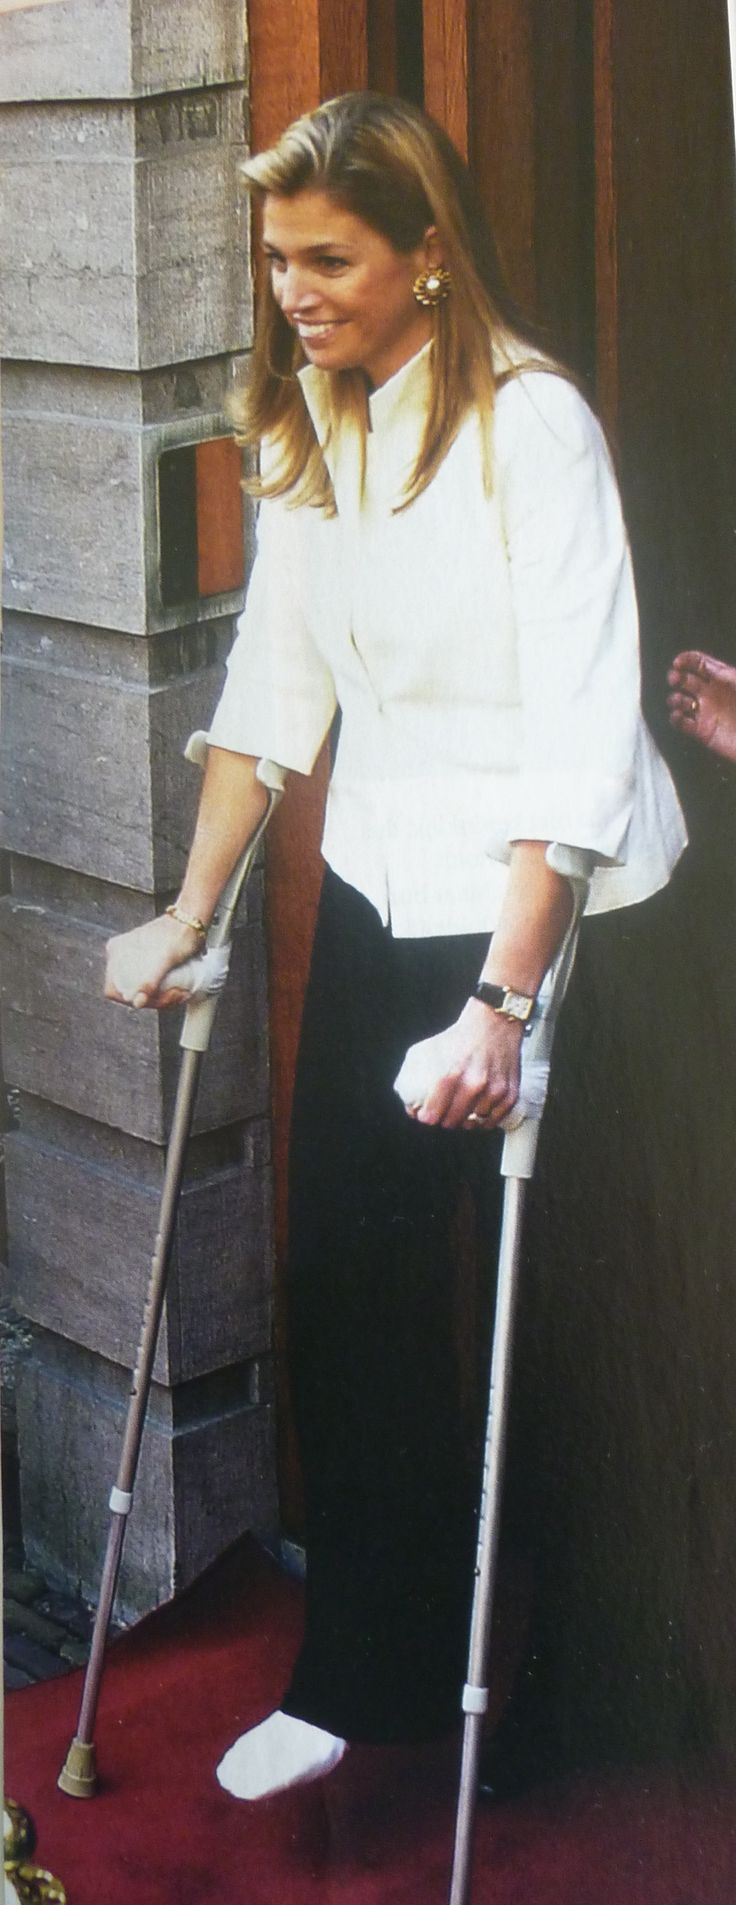 Dit is in juni 2001, ze zijn in Zweden bij het 25-jarige huwelijksfeest van het Zweedse koningspaar waar Maxima haar voet breekt. Ze wordt in NL behandeld en gaat gewoon door met haar inburgeringsprogramma, maar dan wel met krukken.